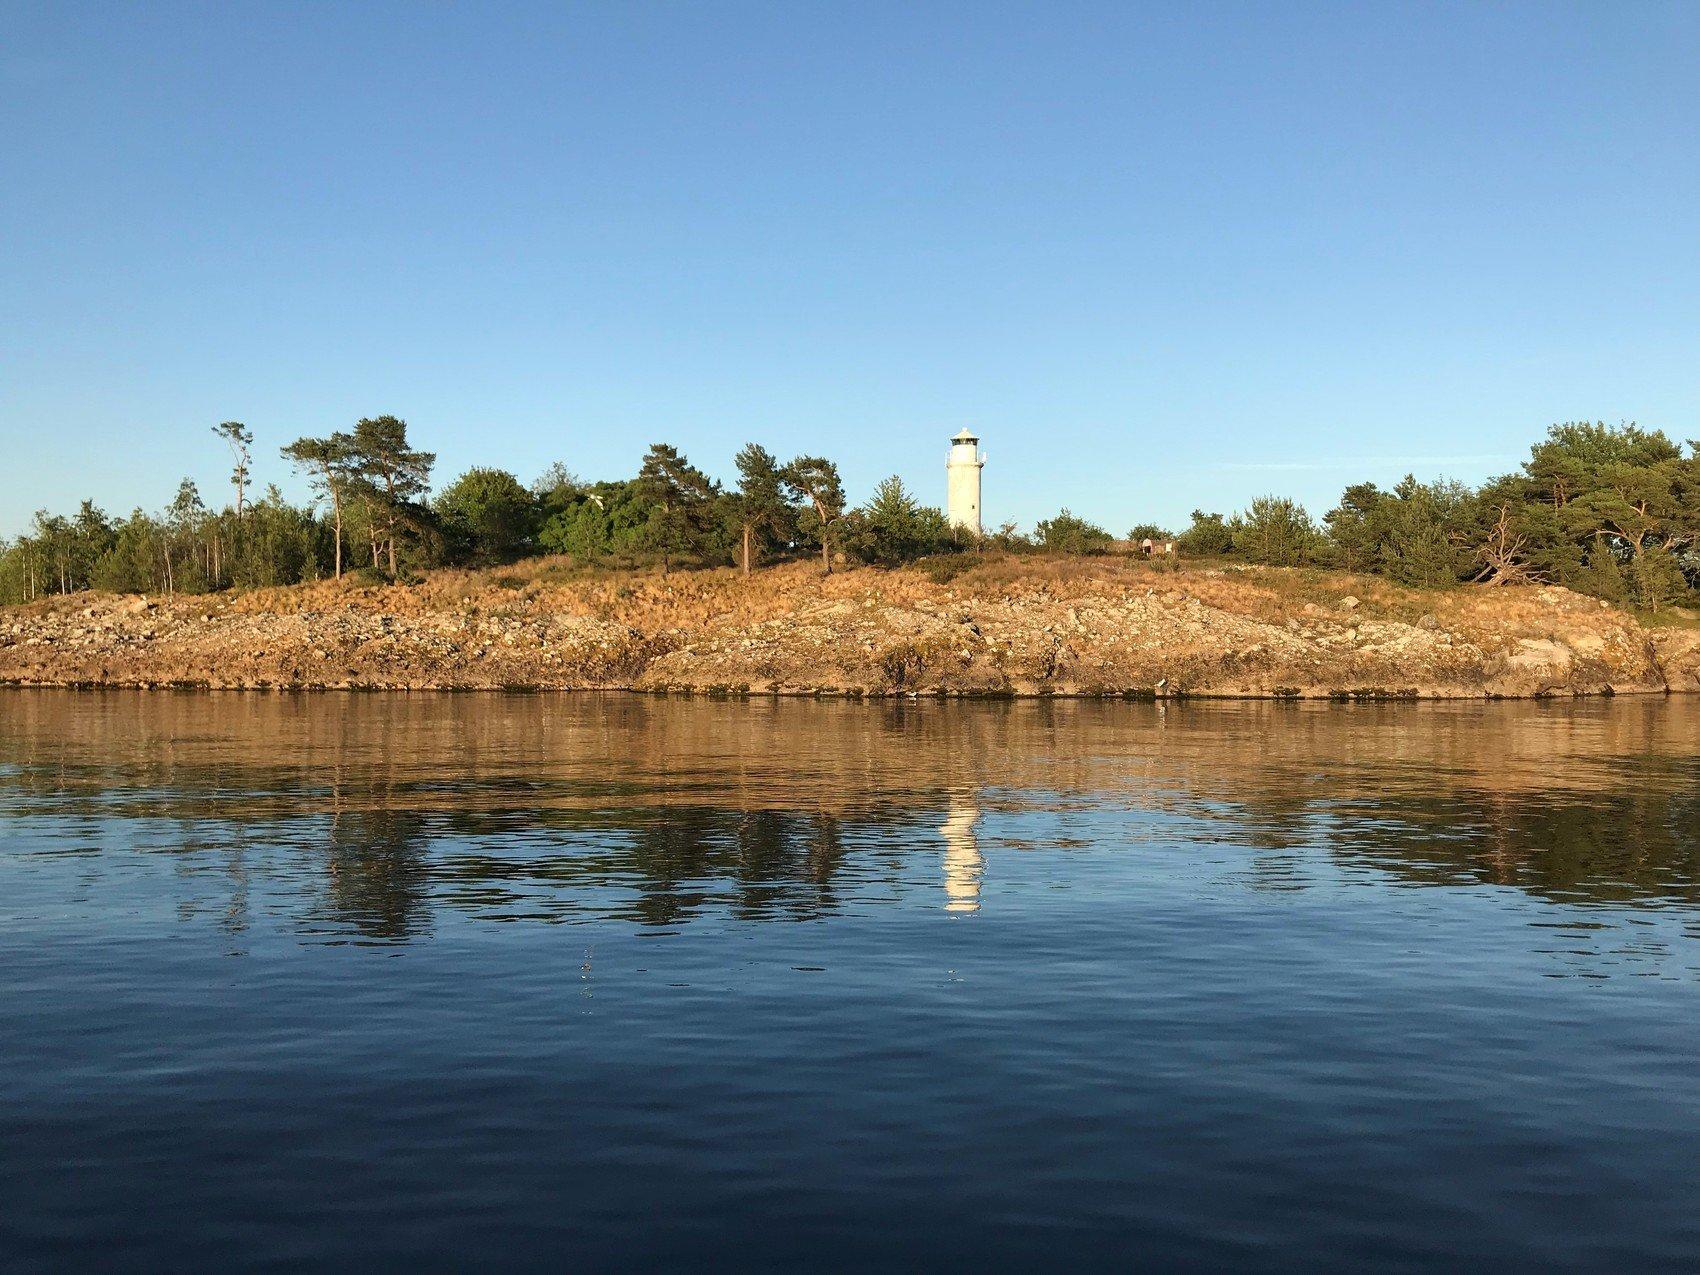 Foto taget från vattnet som visar ö med vit fyr.